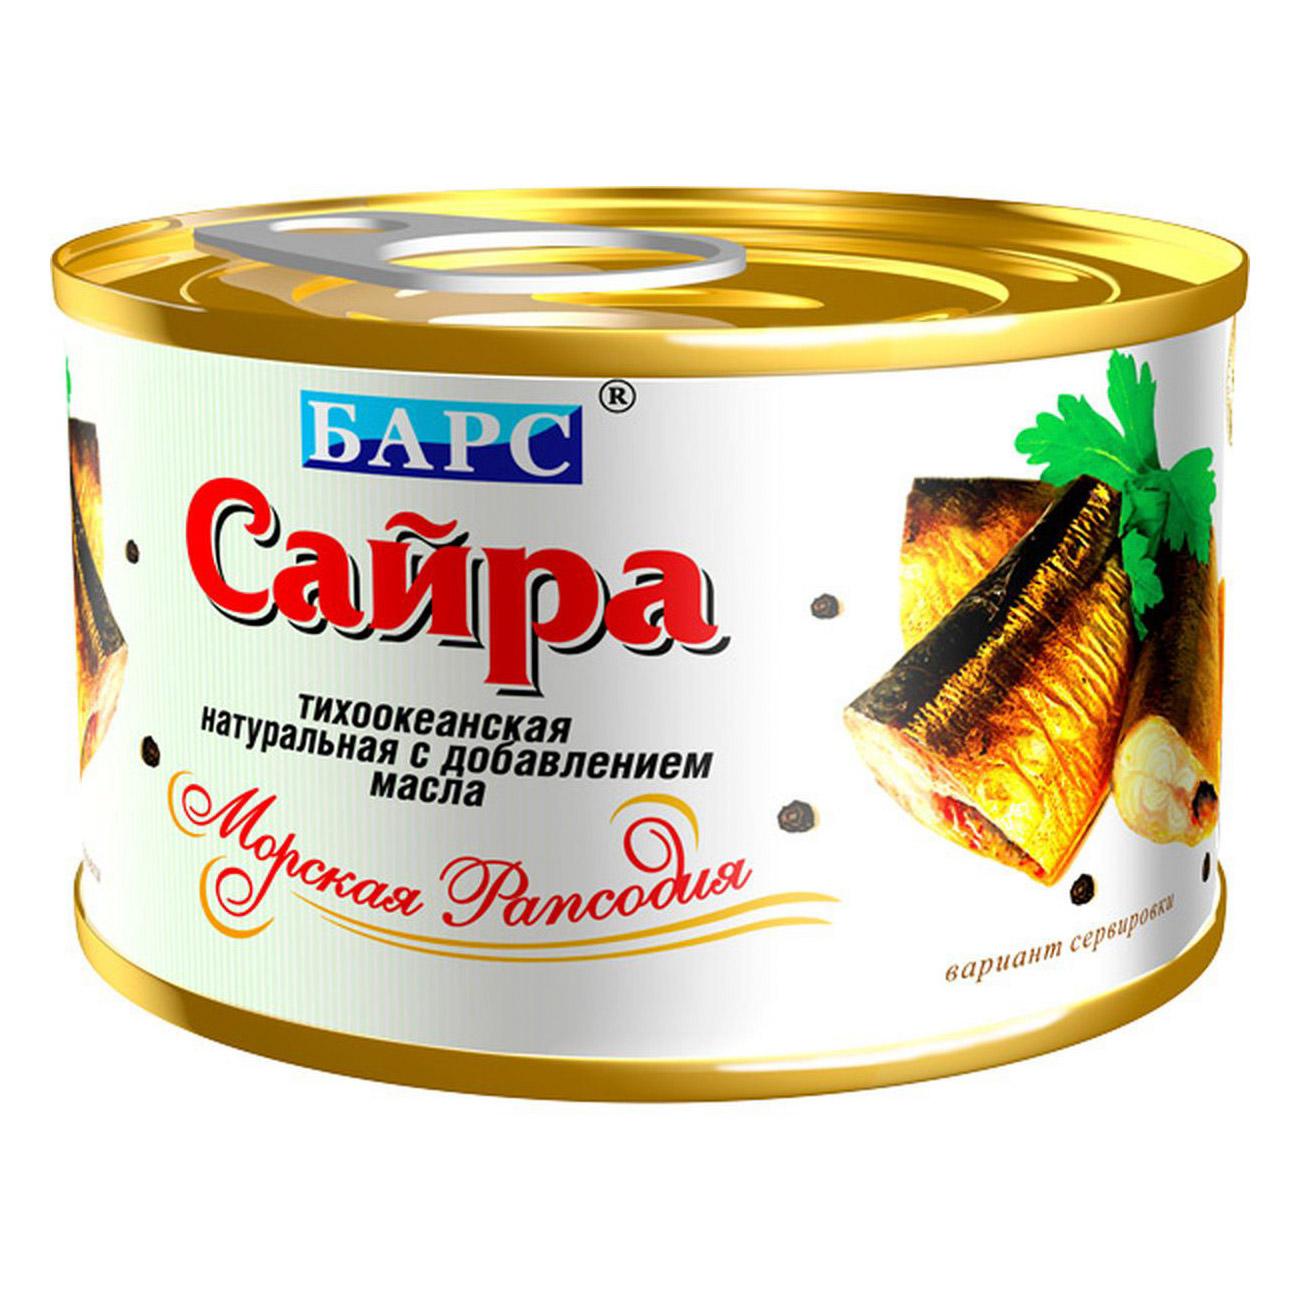 Сайра Барс натуральная с добавлением масла 250 г барс сайра тихоокеанская натуральная с добавлением масла 250 г